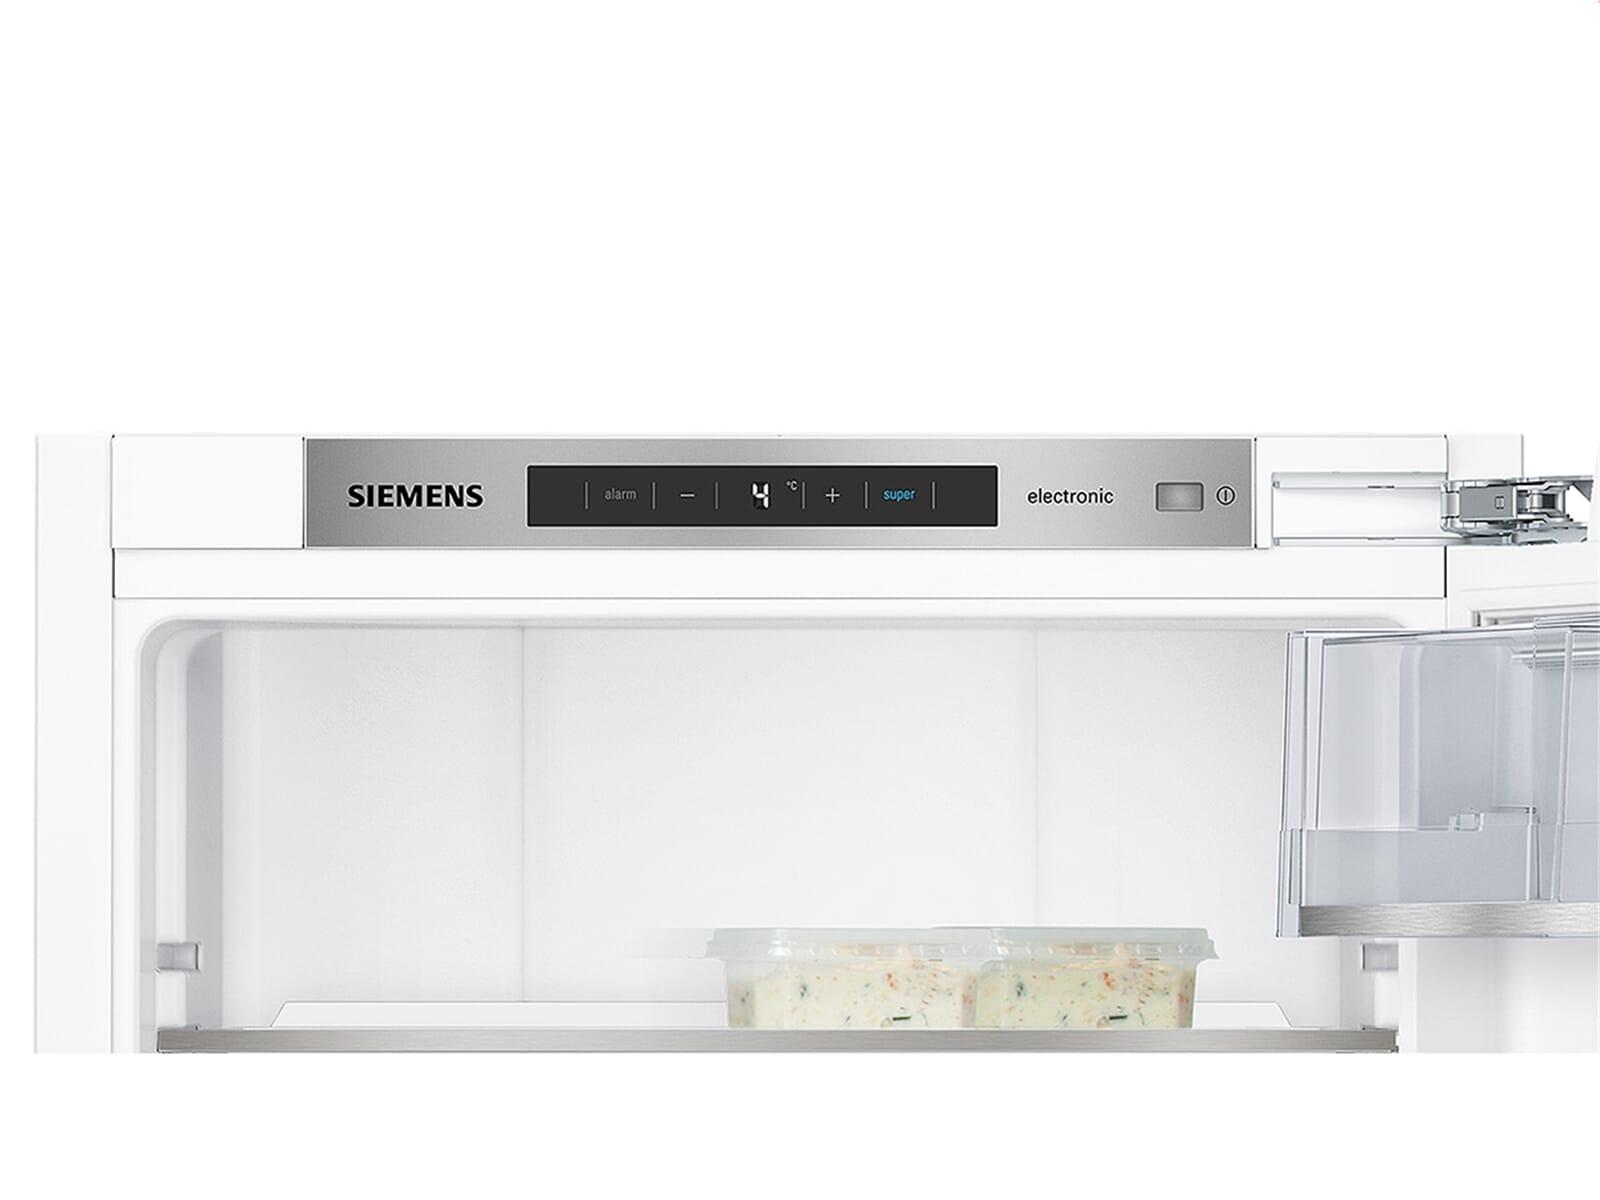 Siemens Kühlschrank Nach Abtauen Alarm : Siemens kx fv einbau kühl gefrierschrank set ki fad gi vad